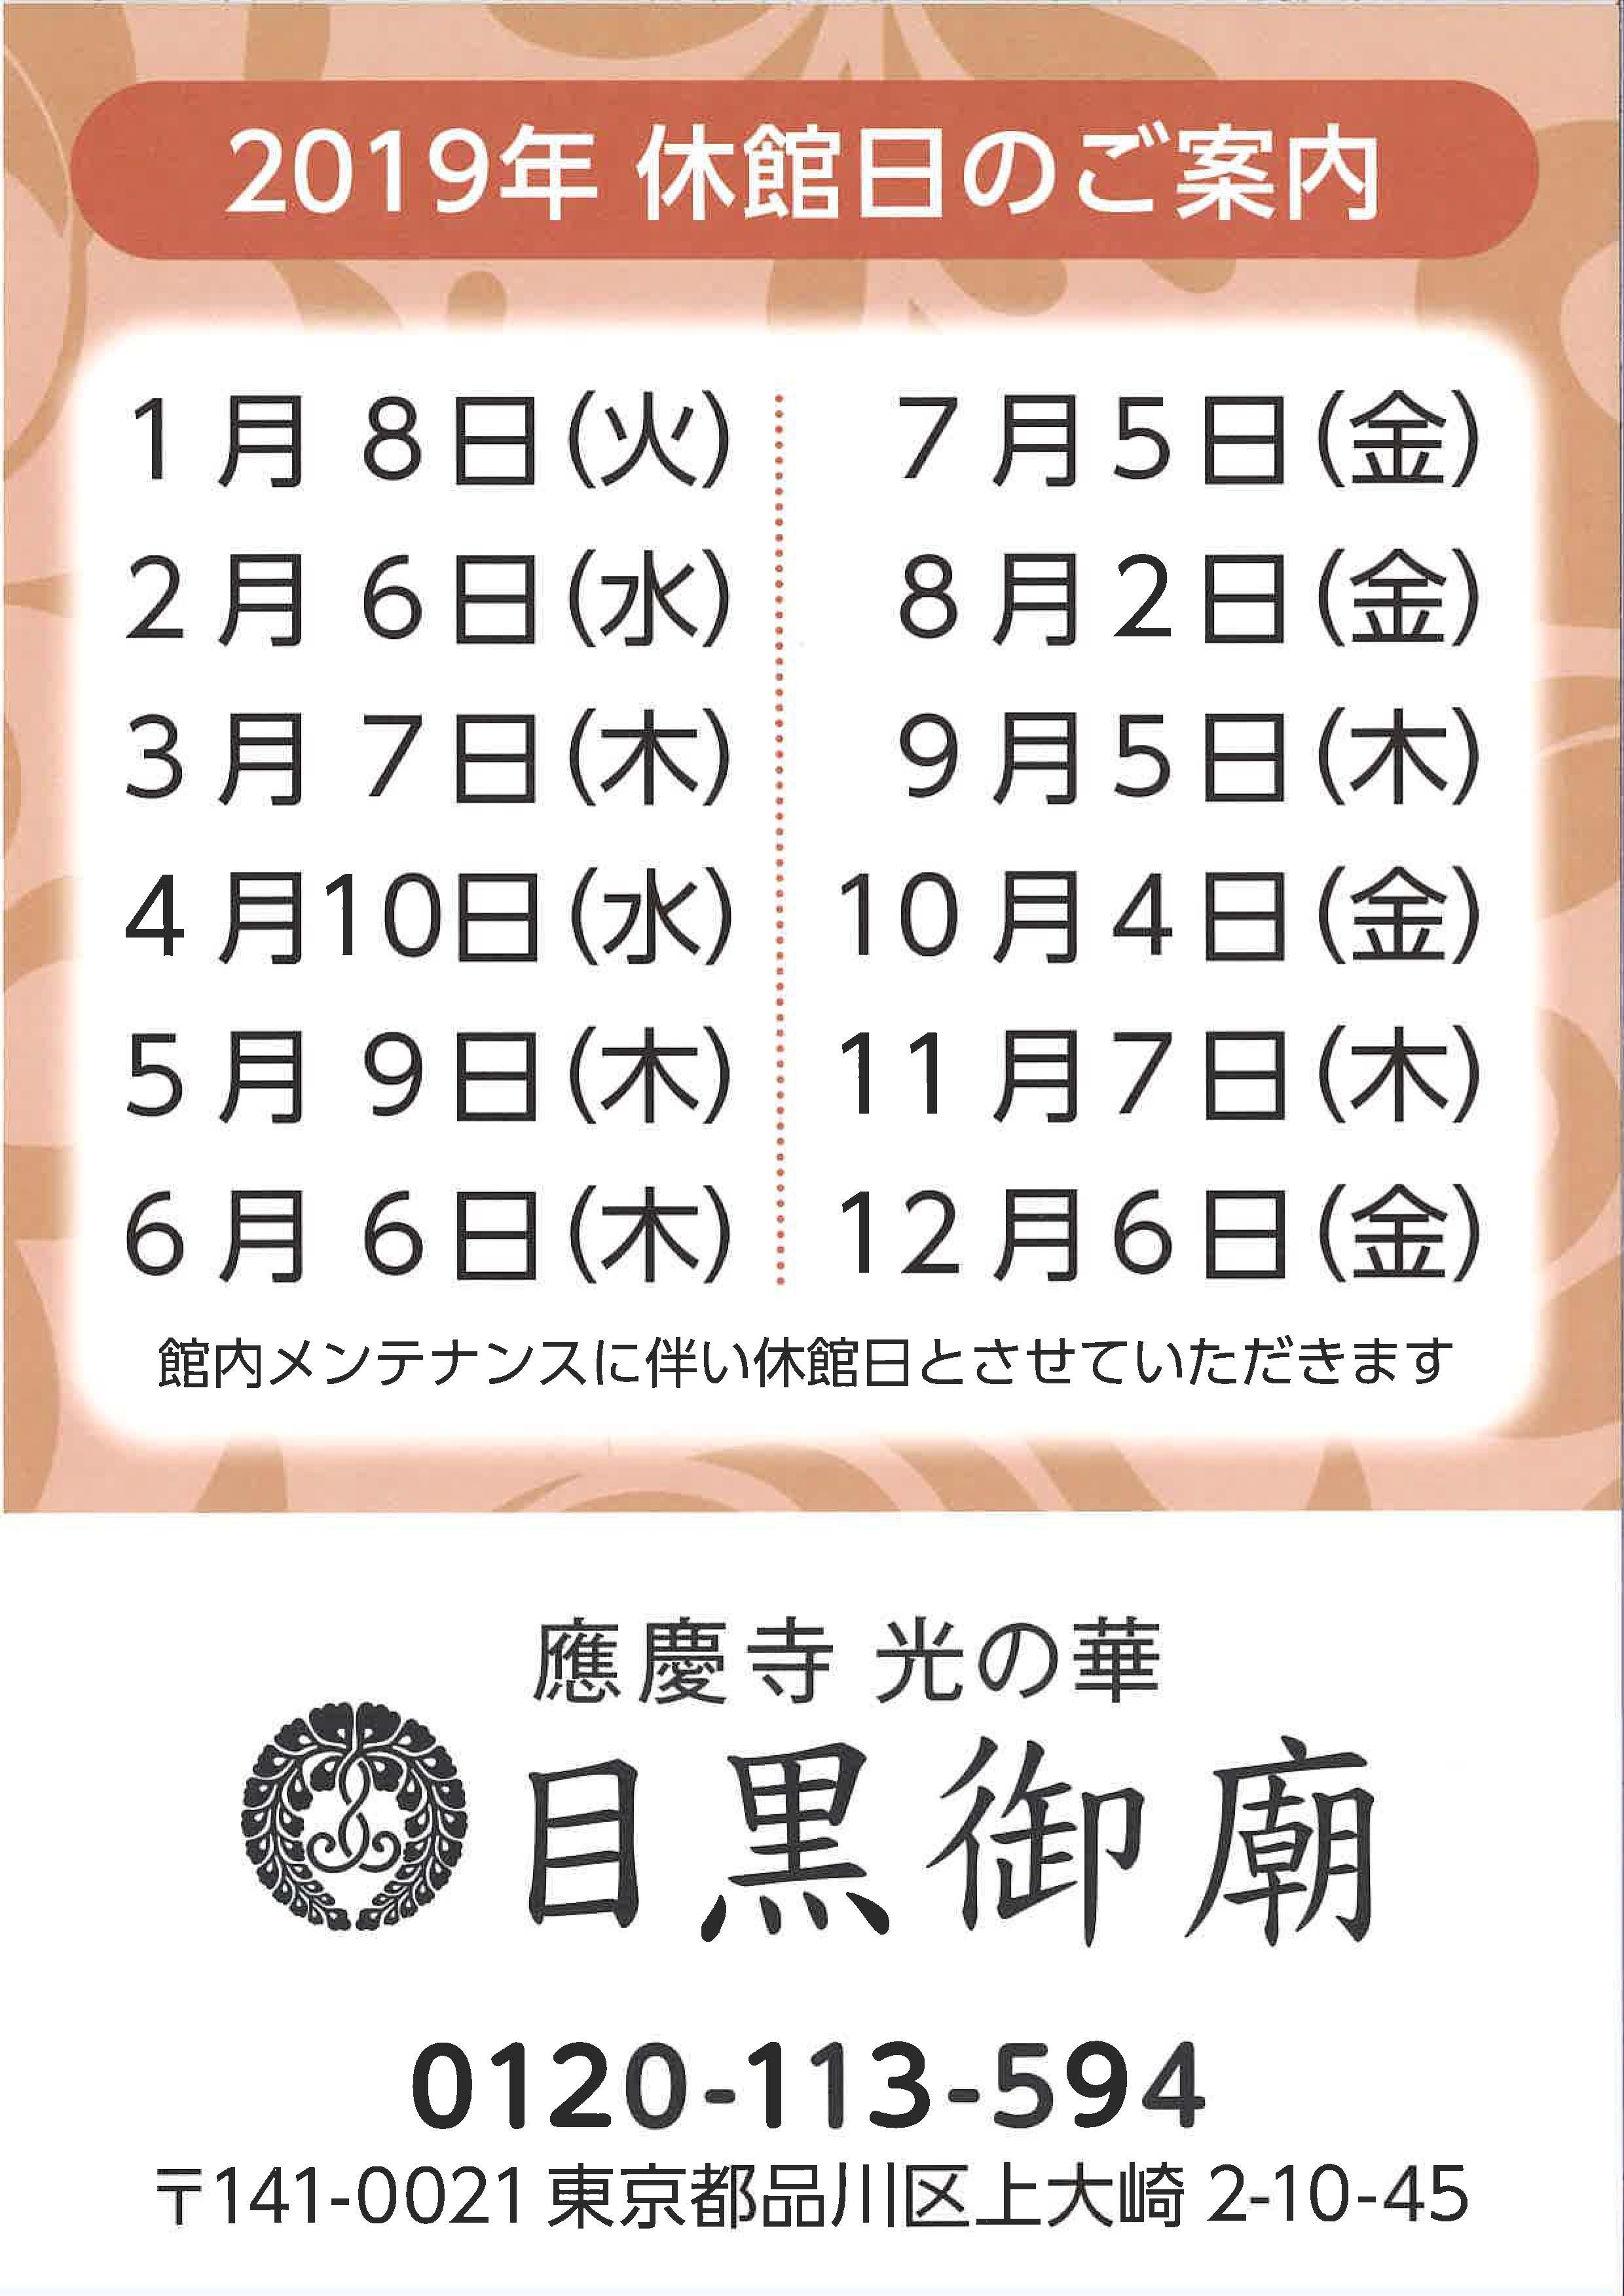 2019年 休館日のお知らせ